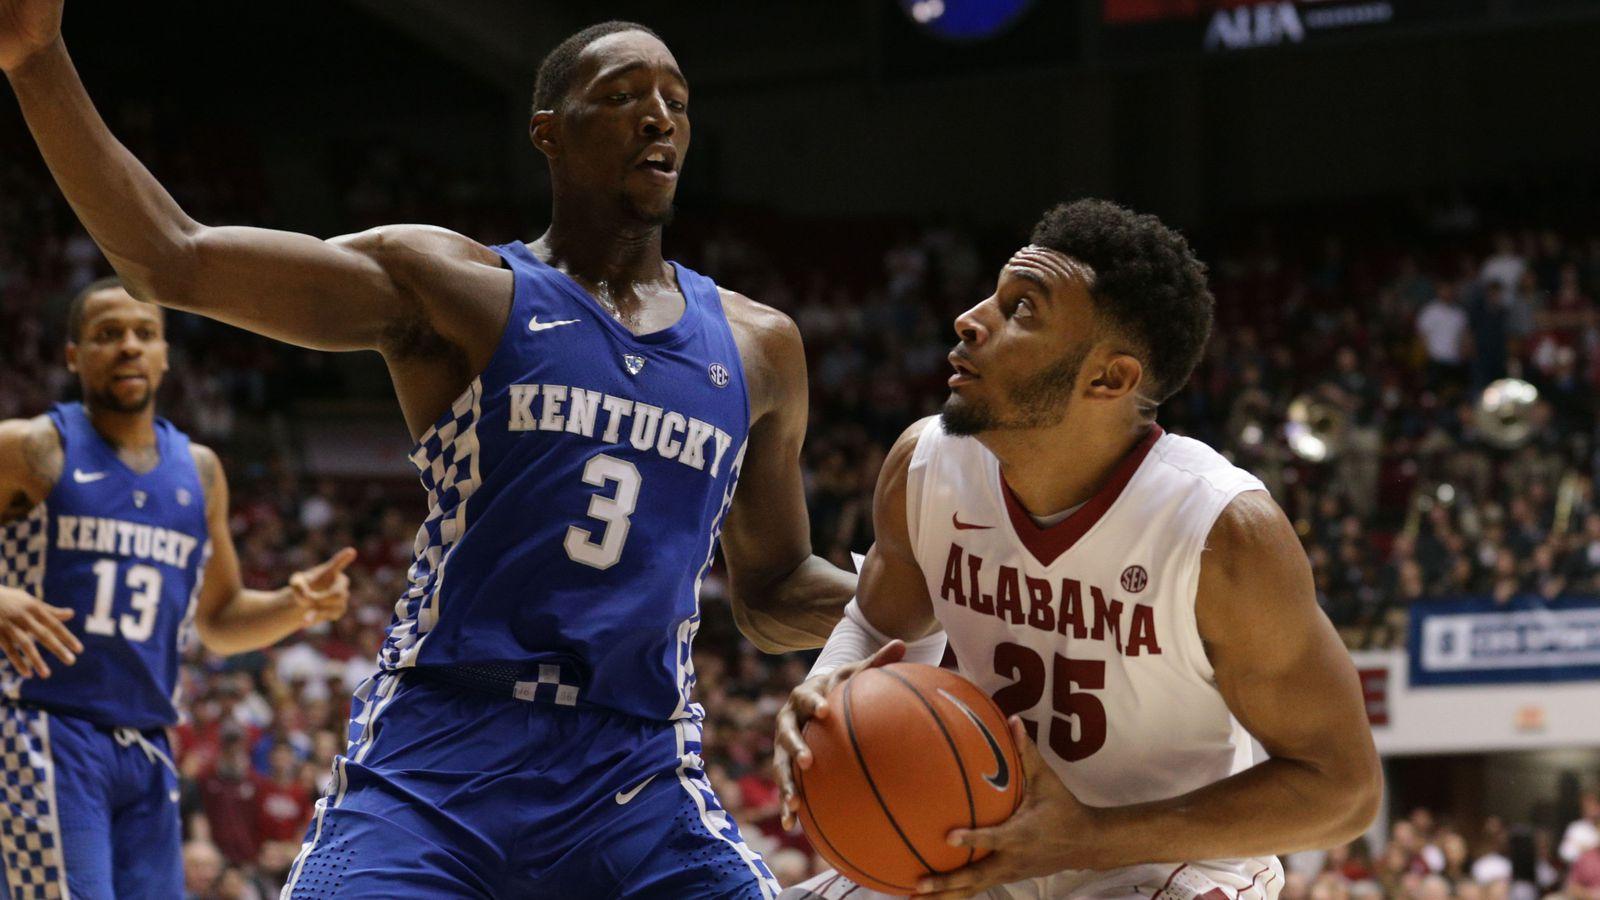 Uk Basketball: Kentucky Basketball Vs Alabama Crimson Tide: Game Time, TV